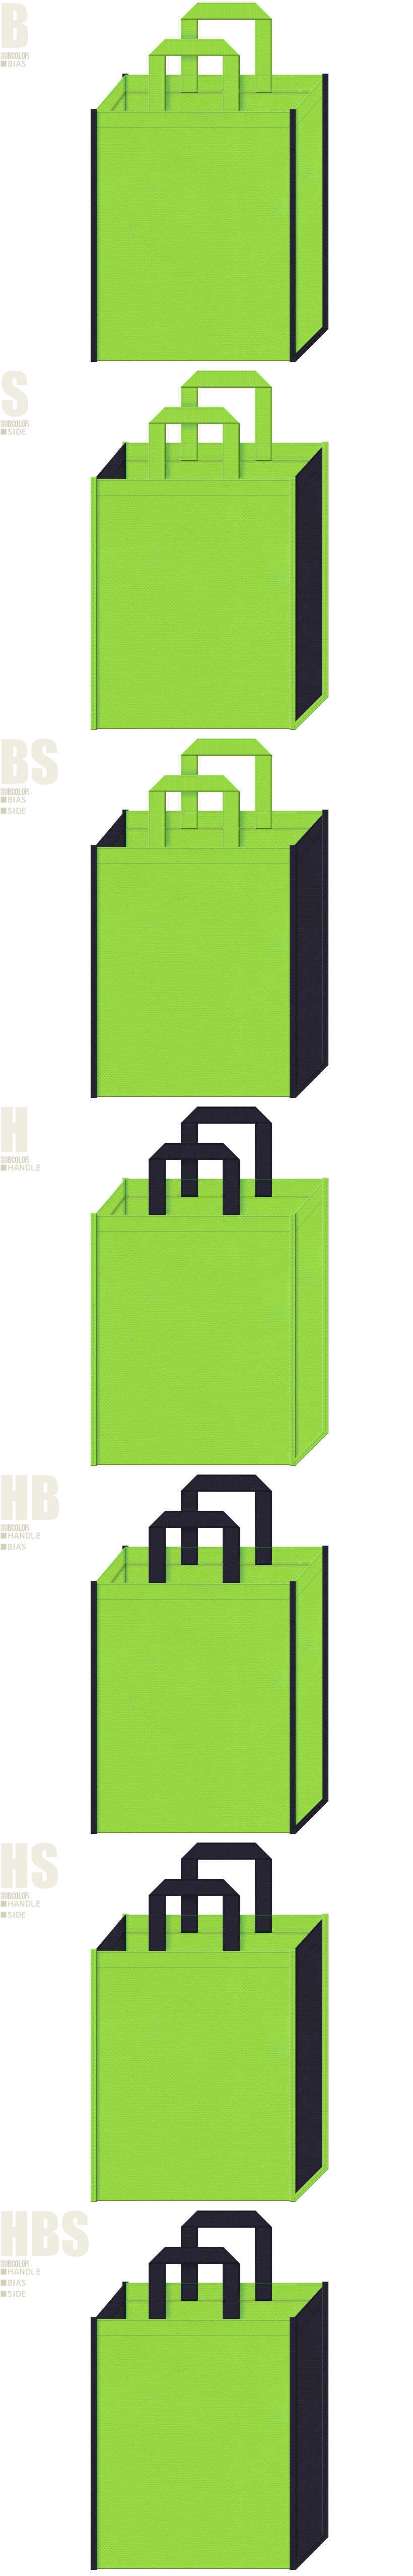 スポーツ・アウトドア用品の展示会用バッグにお奨めの不織布バッグデザイン:黄緑色と濃紺色の不織布バッグ配色7パターン。